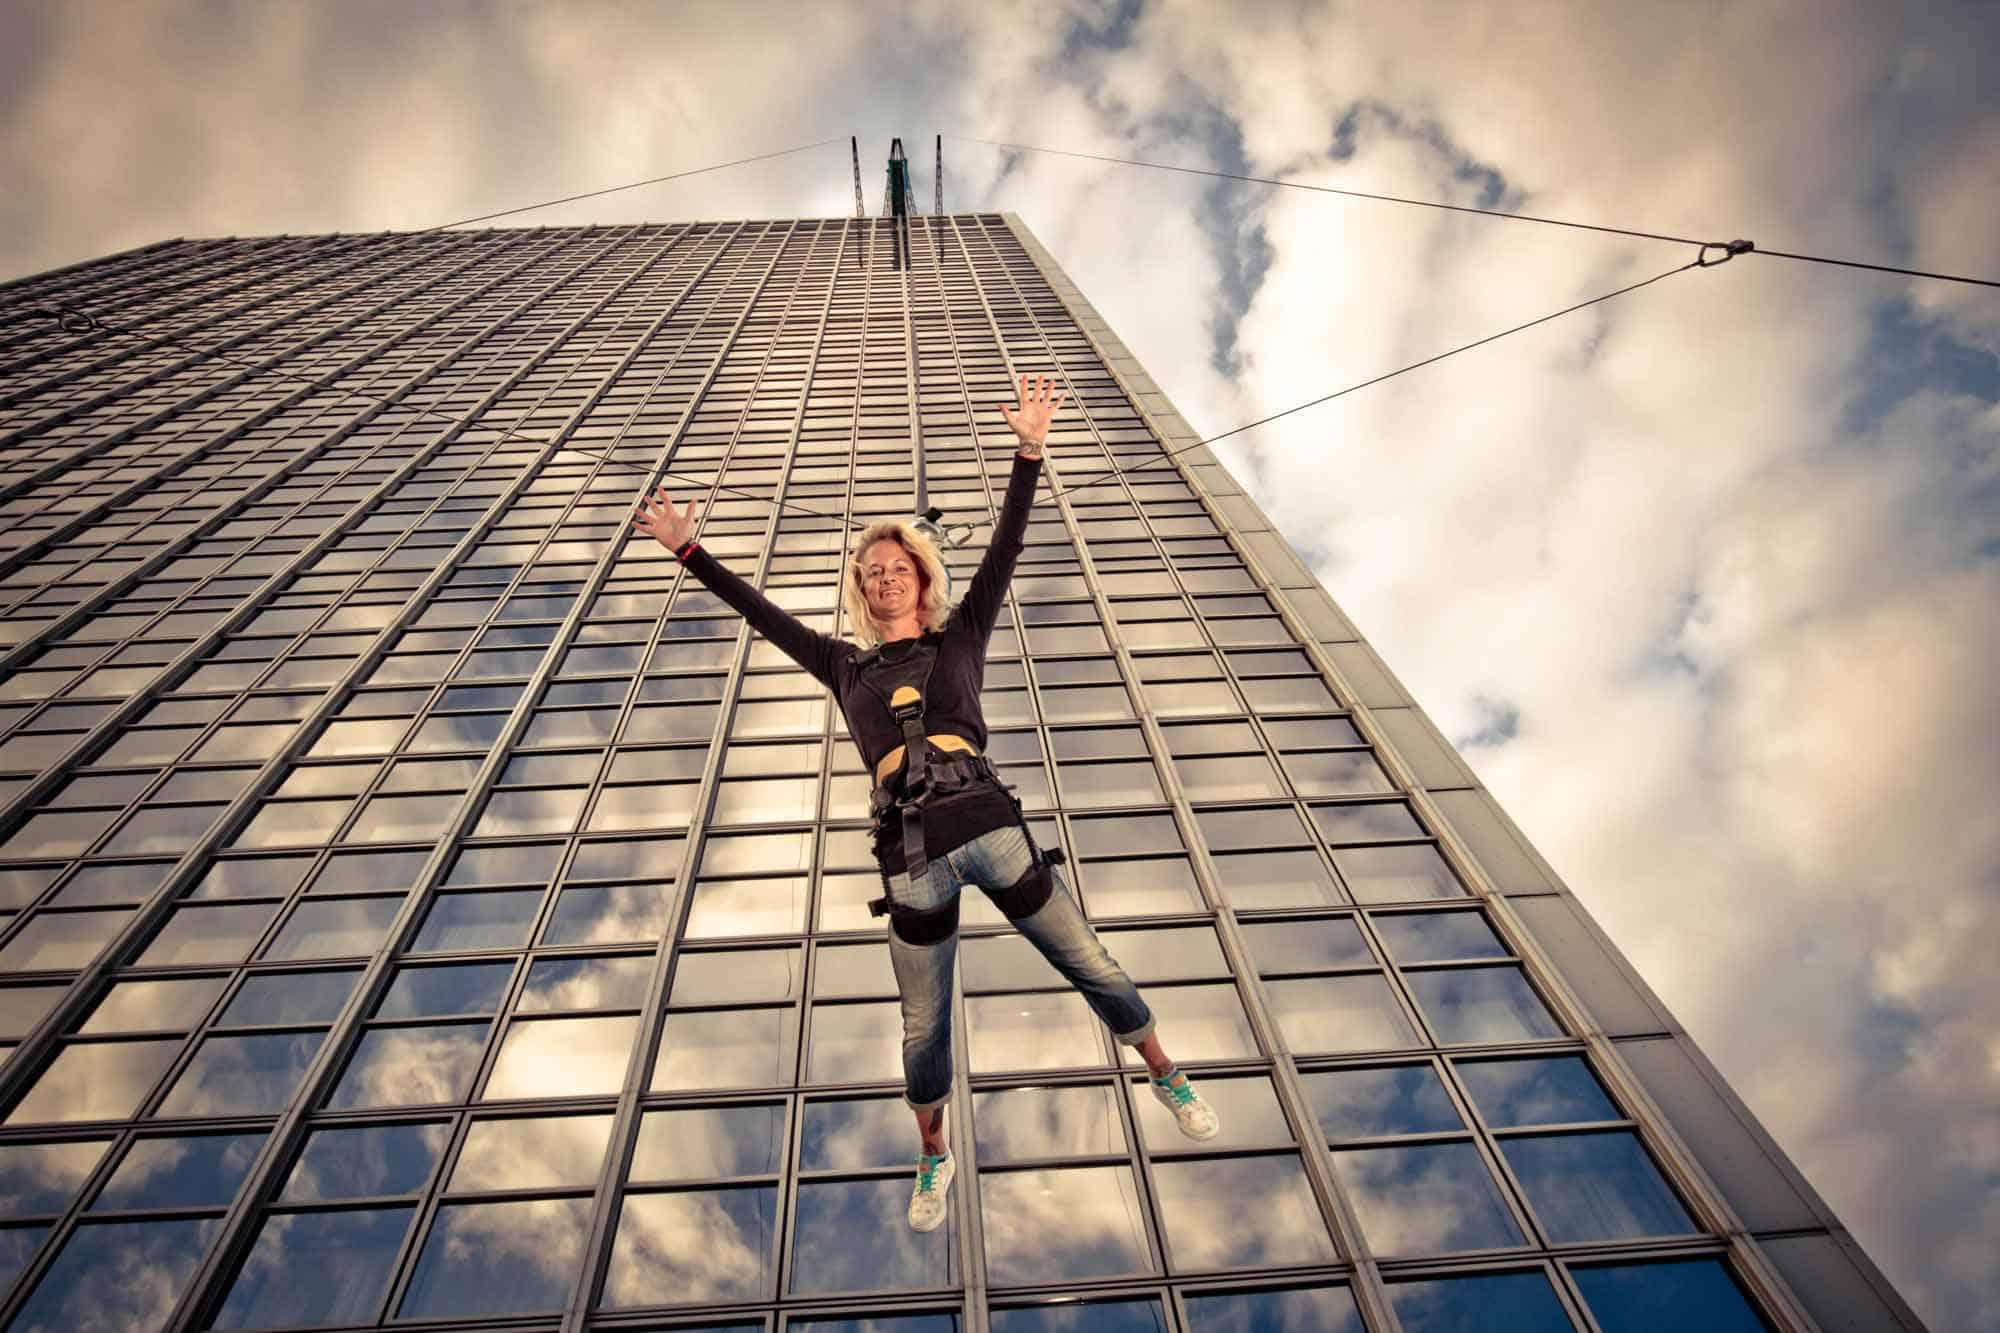 kobieta skacząca w uprzęży z wieżowca przy Alexanderplatz